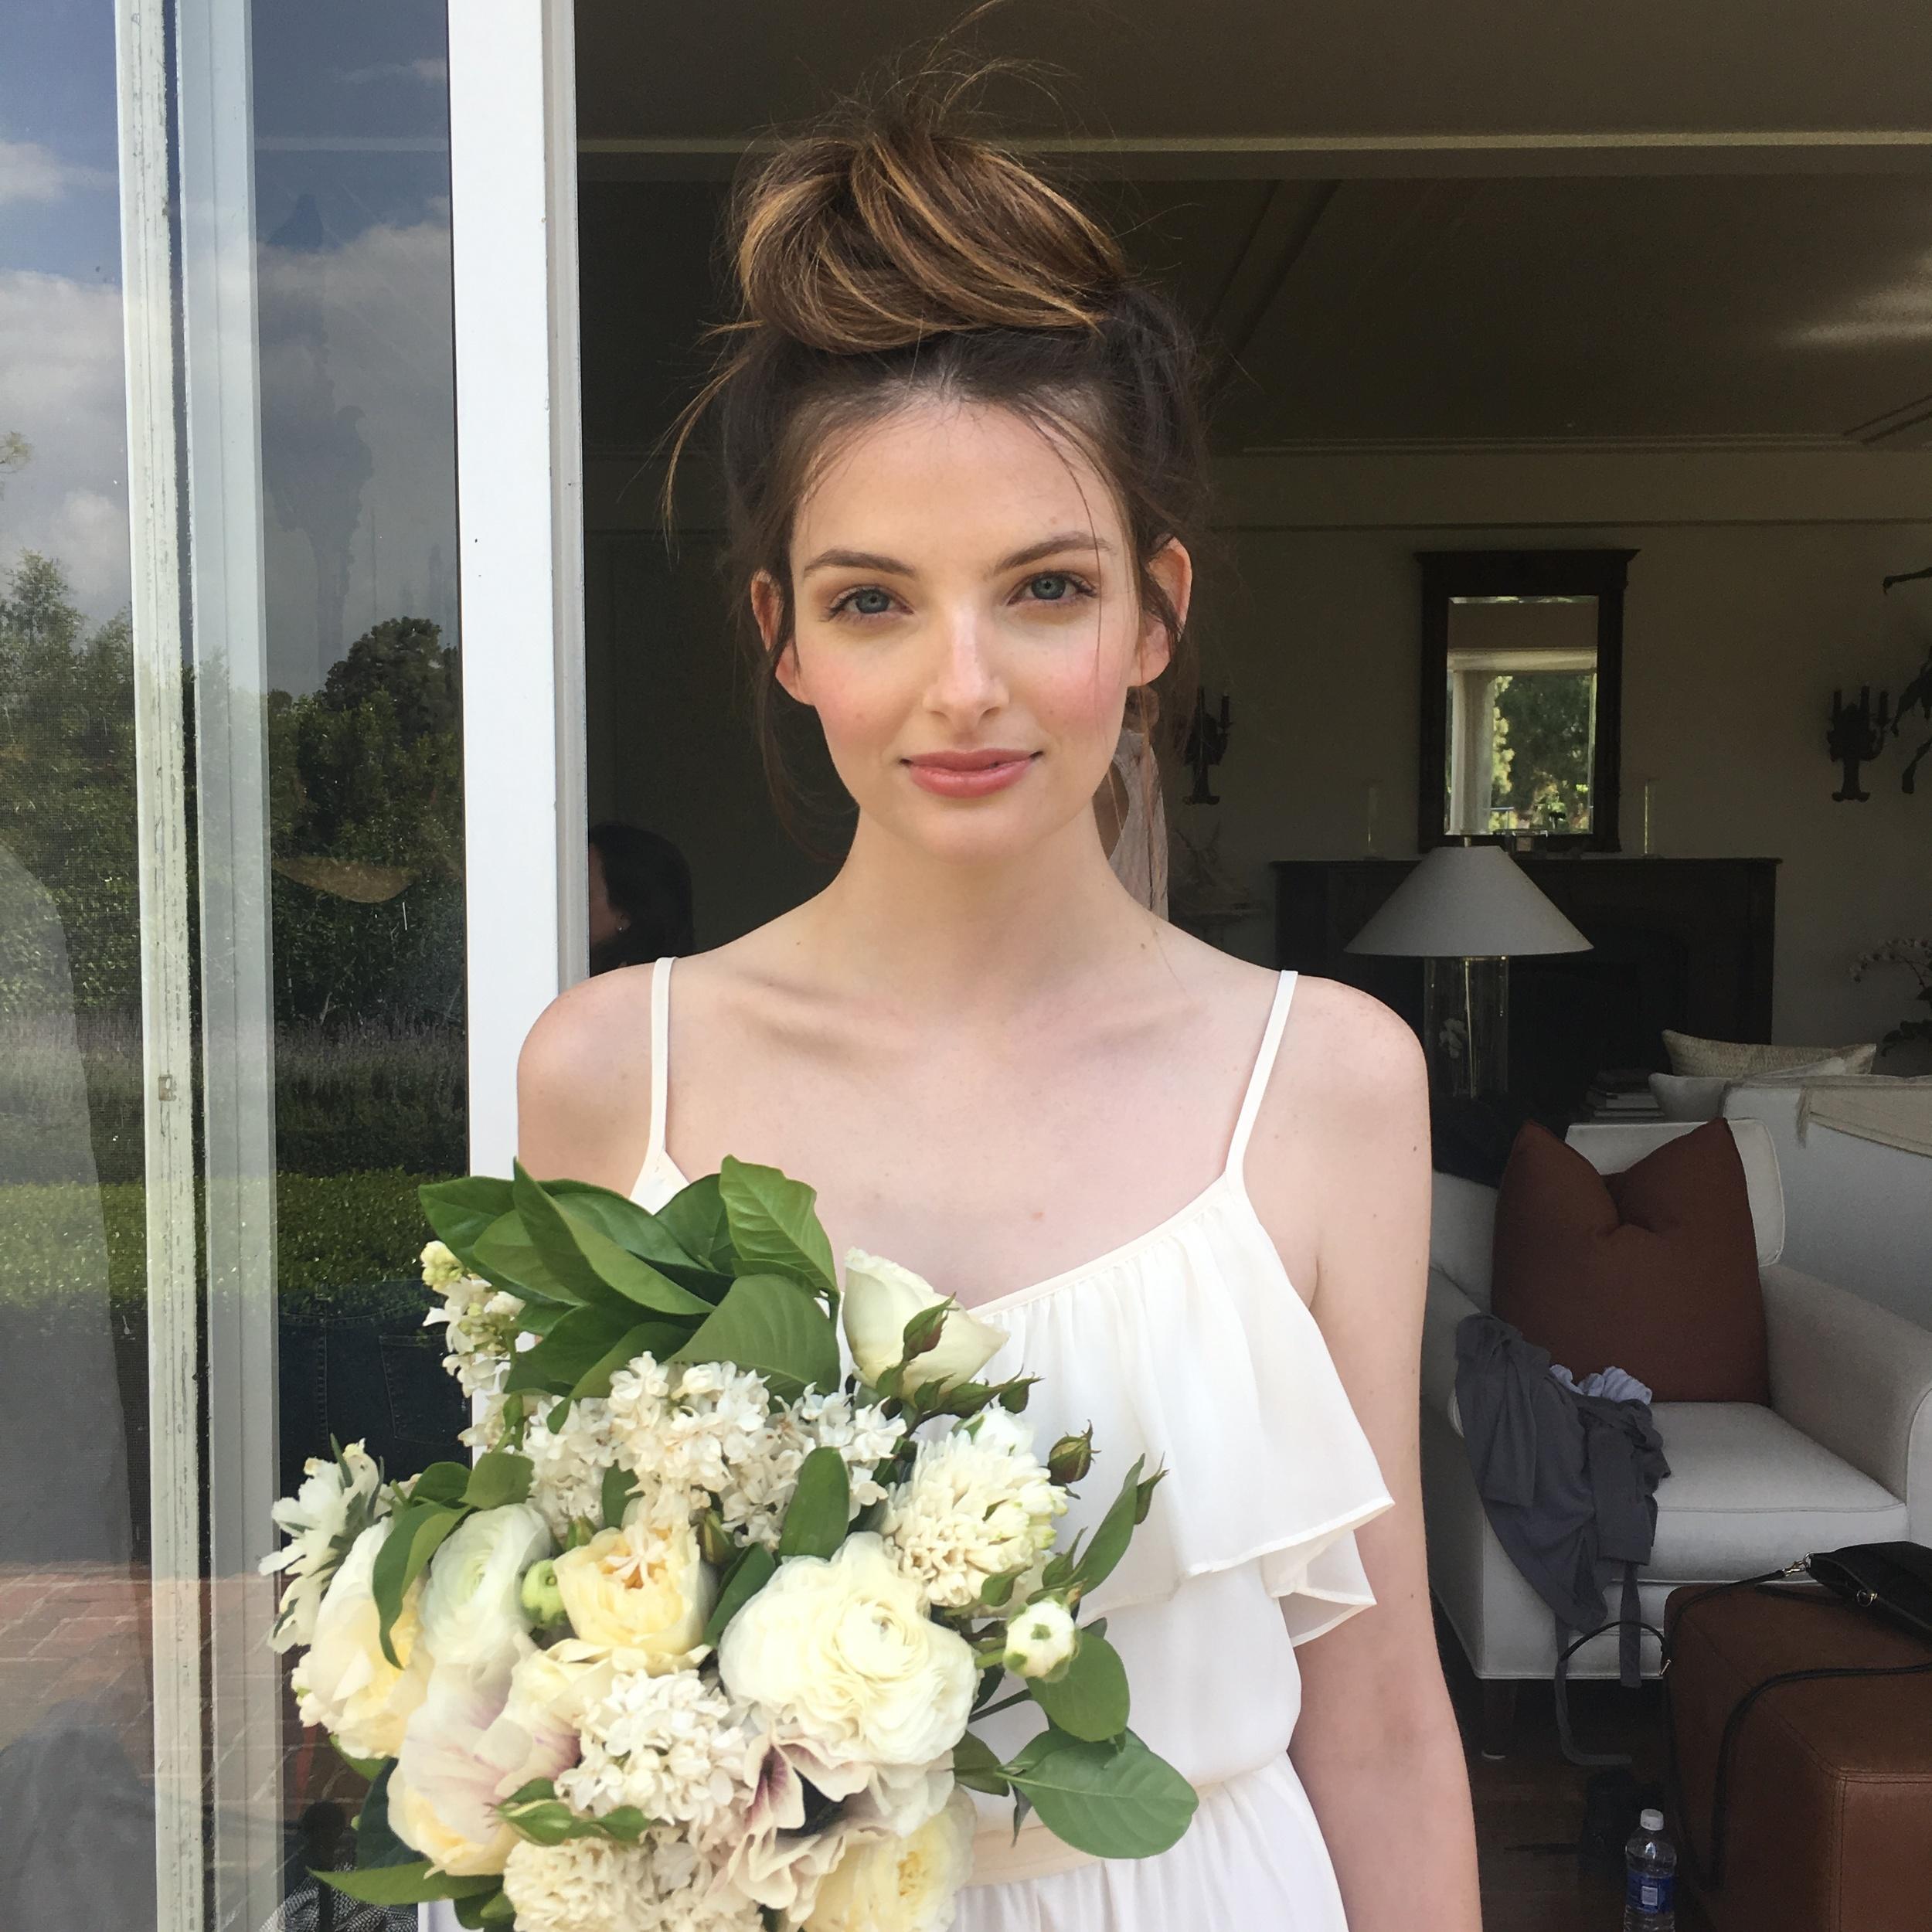 Bride hawaiian wedding. bridal Makeup, Hair